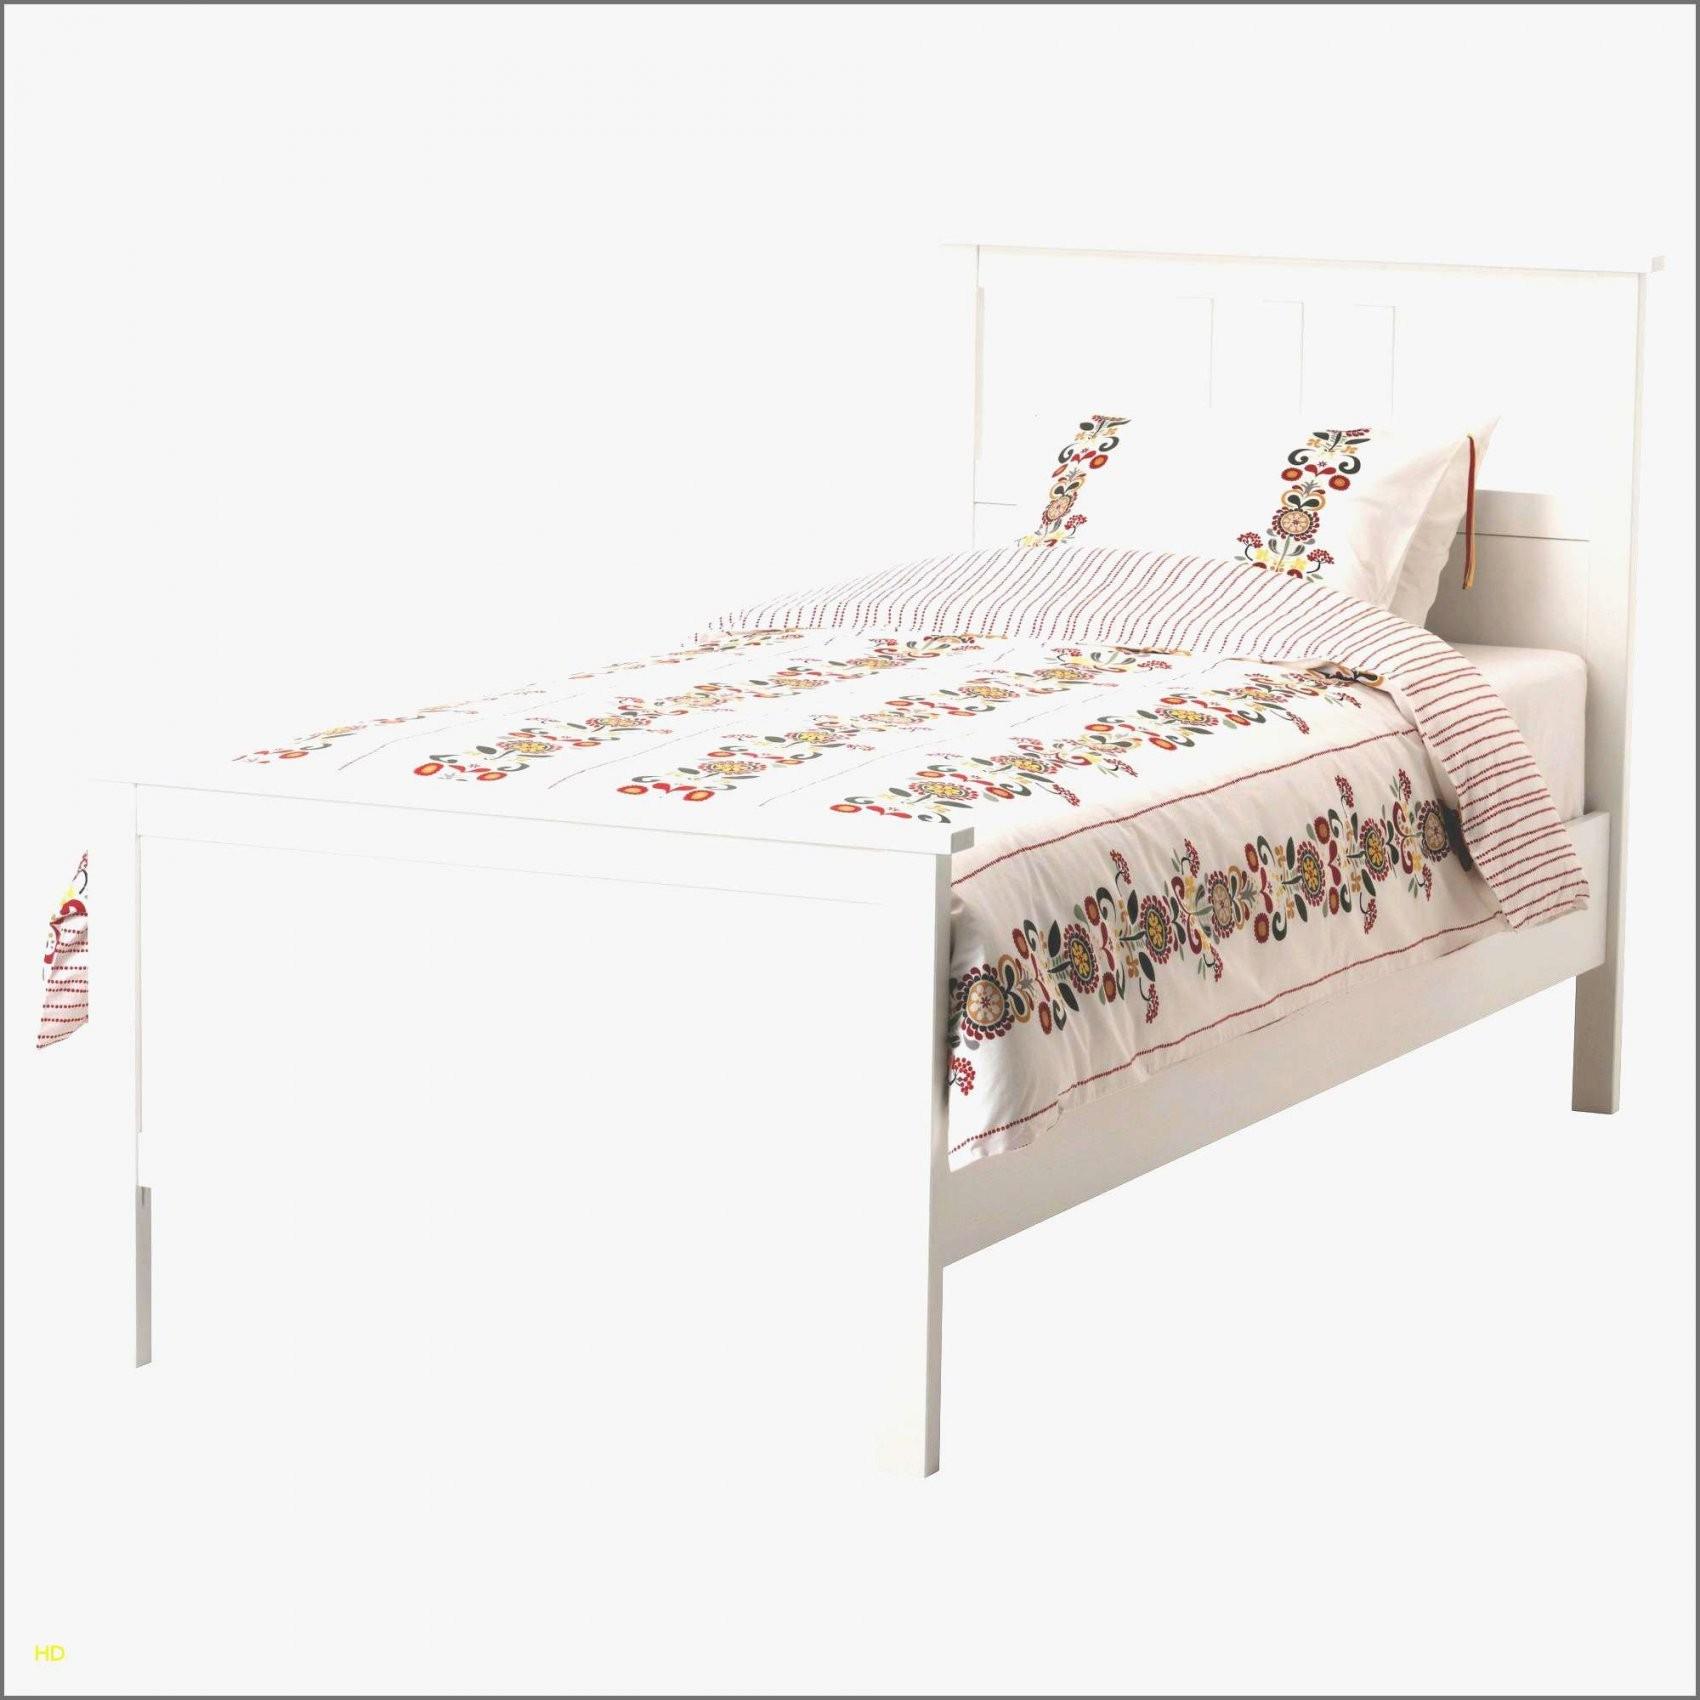 Bett 120×200 Weiß Schöne Bett Weiß Holz Inspirierend 14 New Bett von Bett 120X200 Weiß Holz Bild